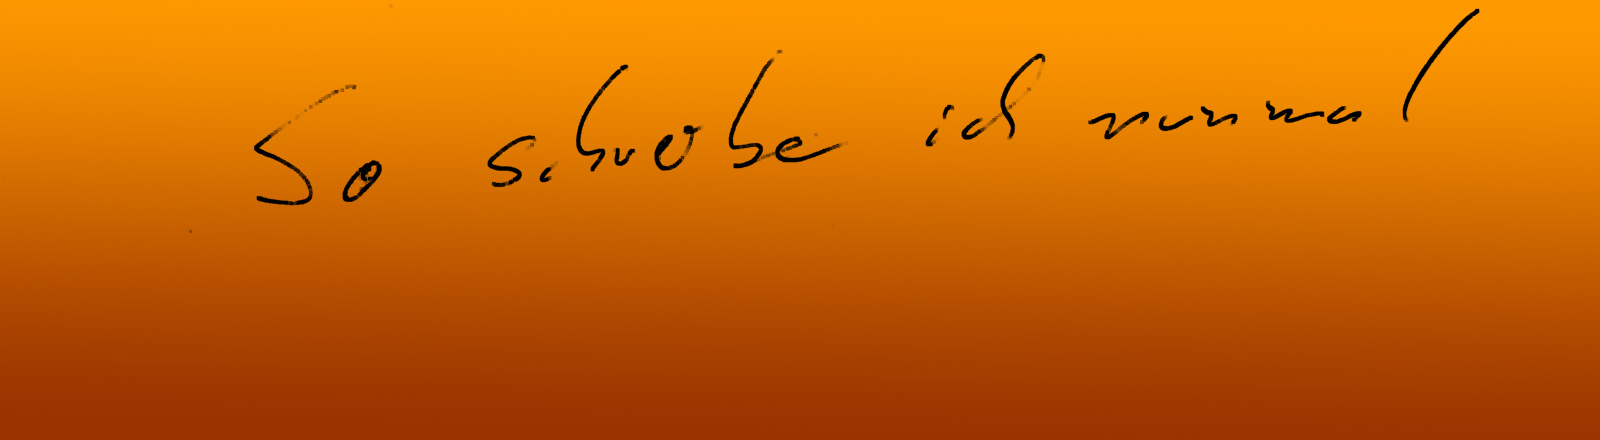 """Der Satz """"So schreibe ich nunmal"""" geschrieben von Stephan Beuting."""